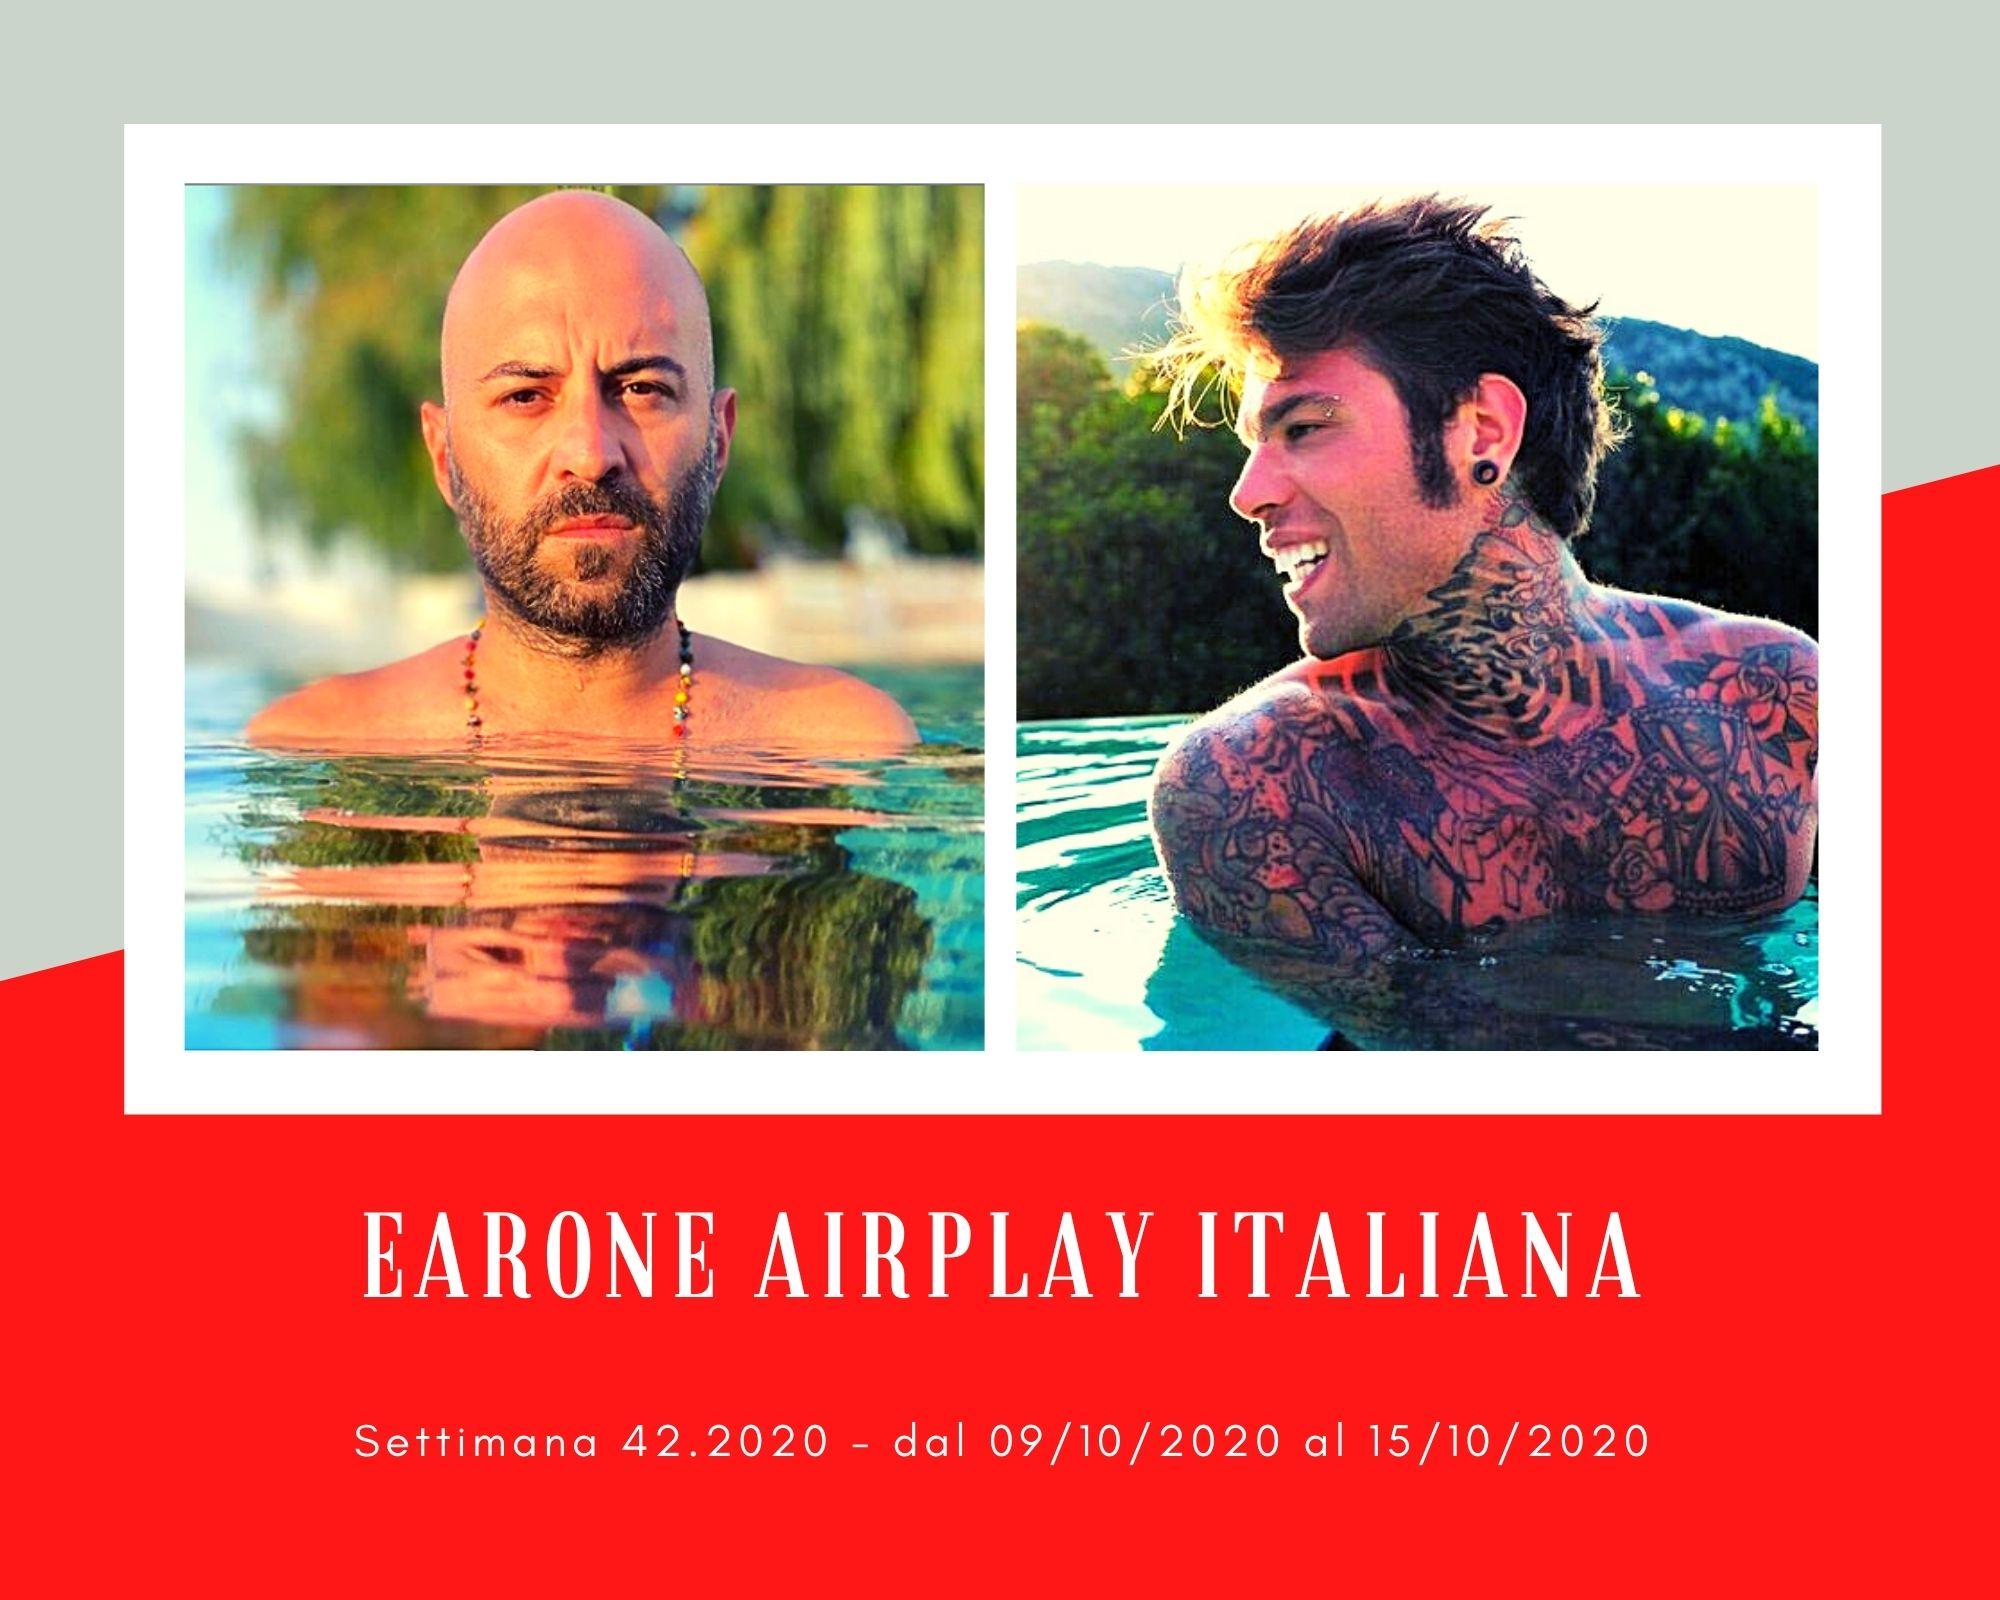 Classifica Radio EARONE Airplay Italiana, week 42: Nuova sfida in vetta con Fedez e Negramaro. E nella mischia si buttano due nuove coppie: Elodie con Carl Brave e J-Ax con Mr. Rain